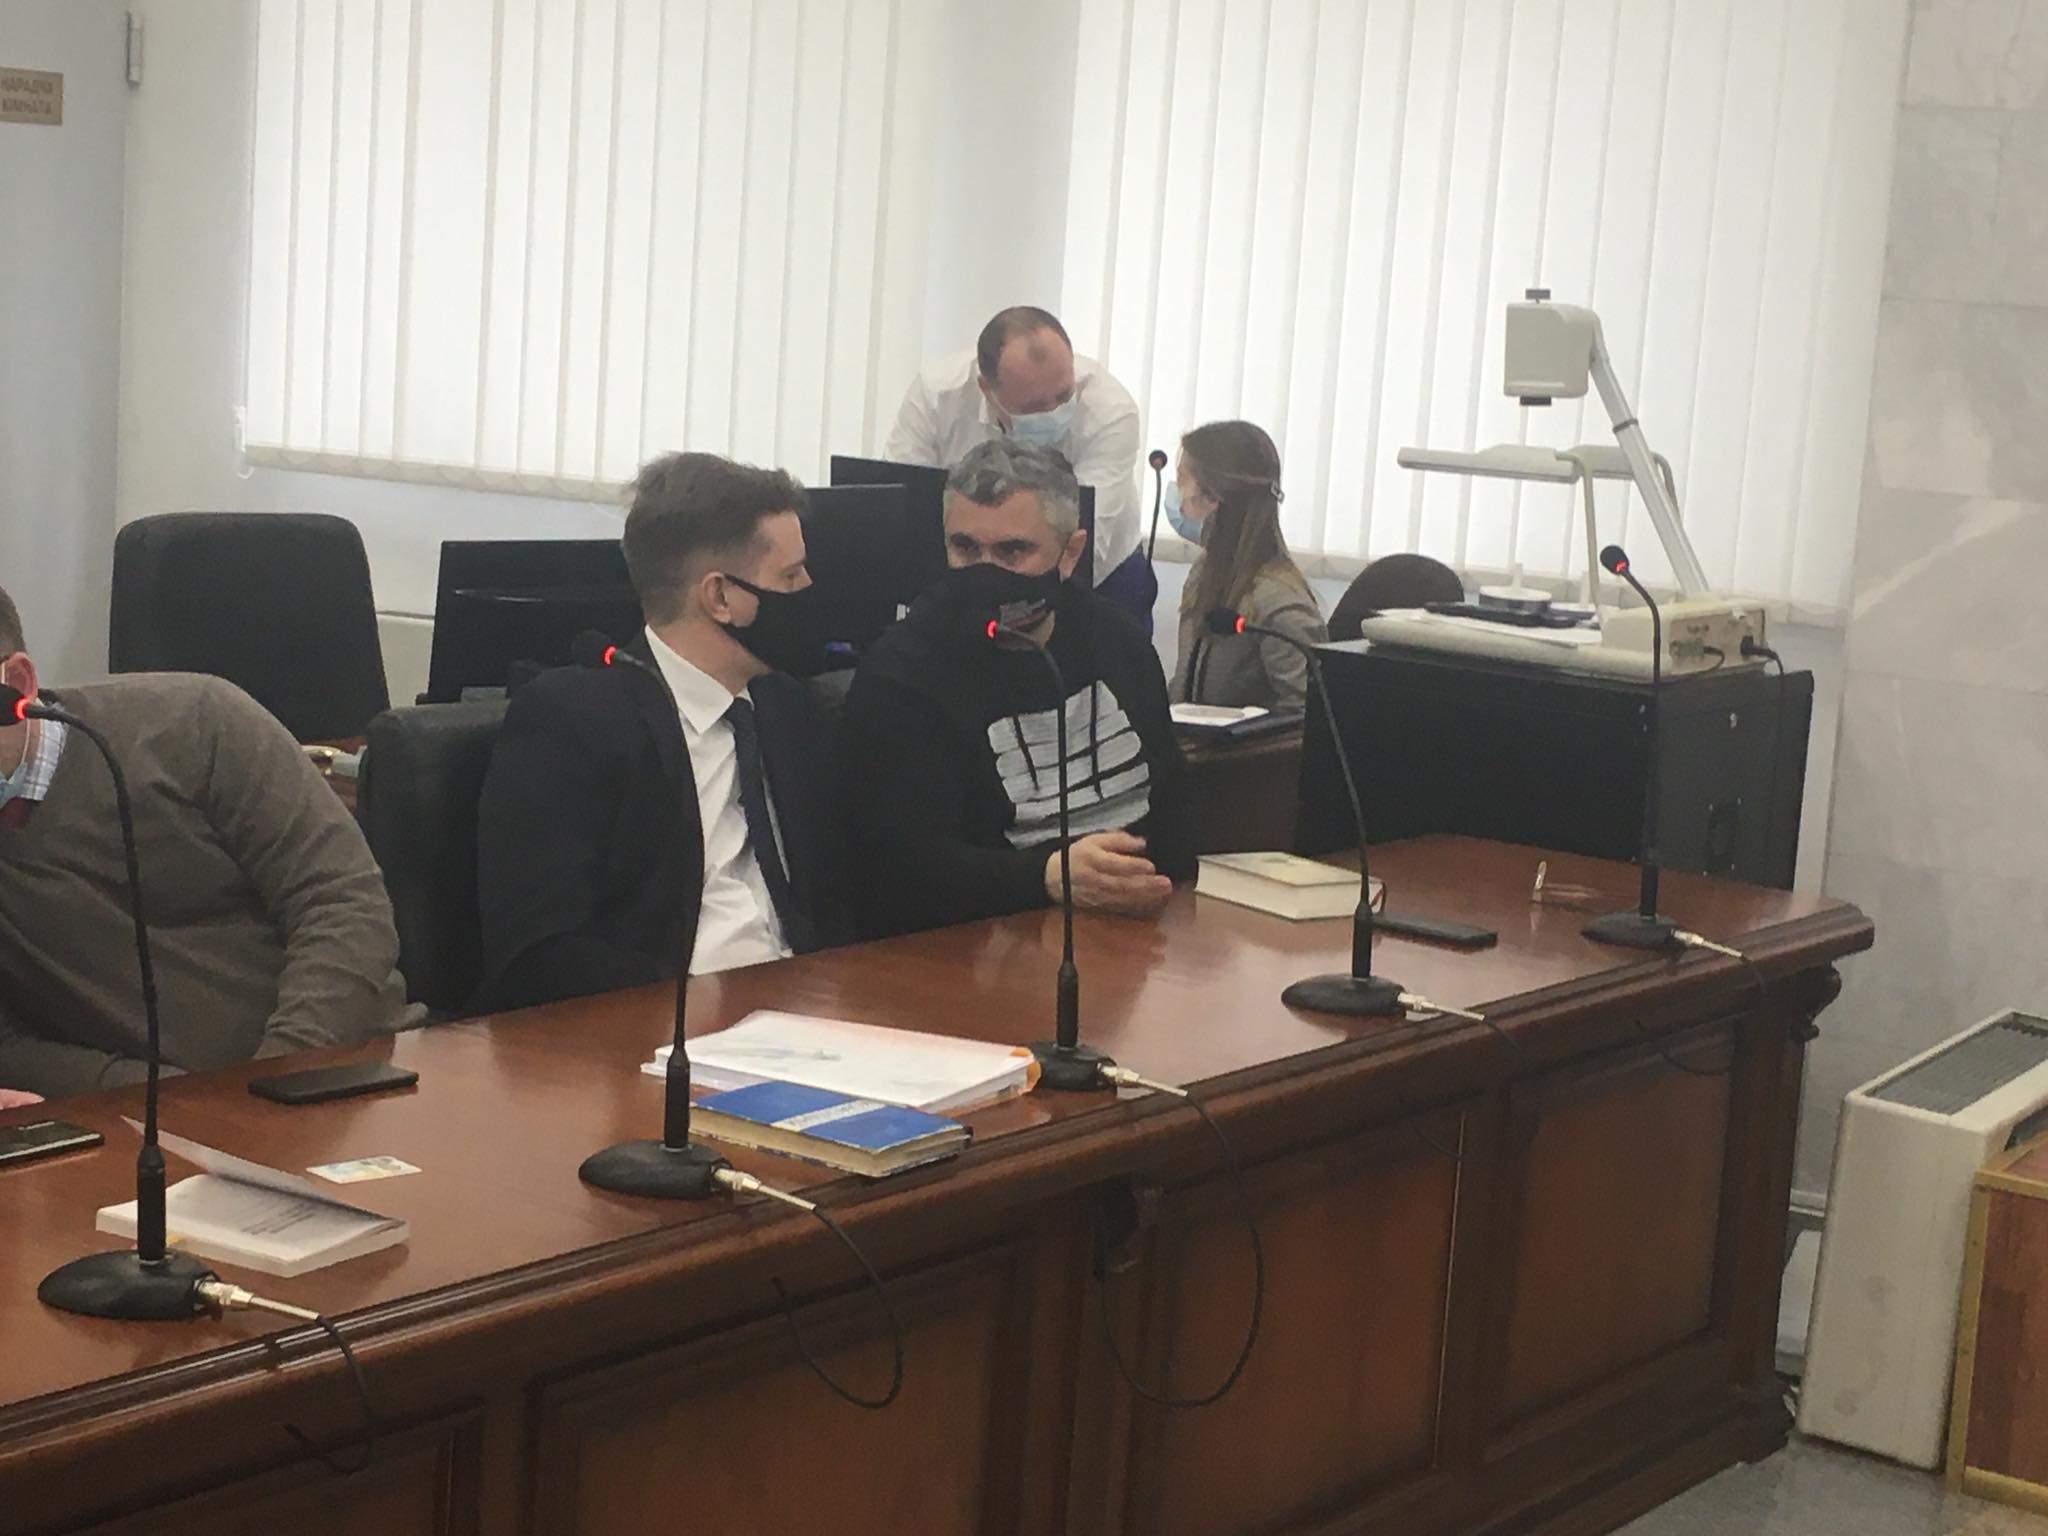 Вахтанг Кіпіані на суді